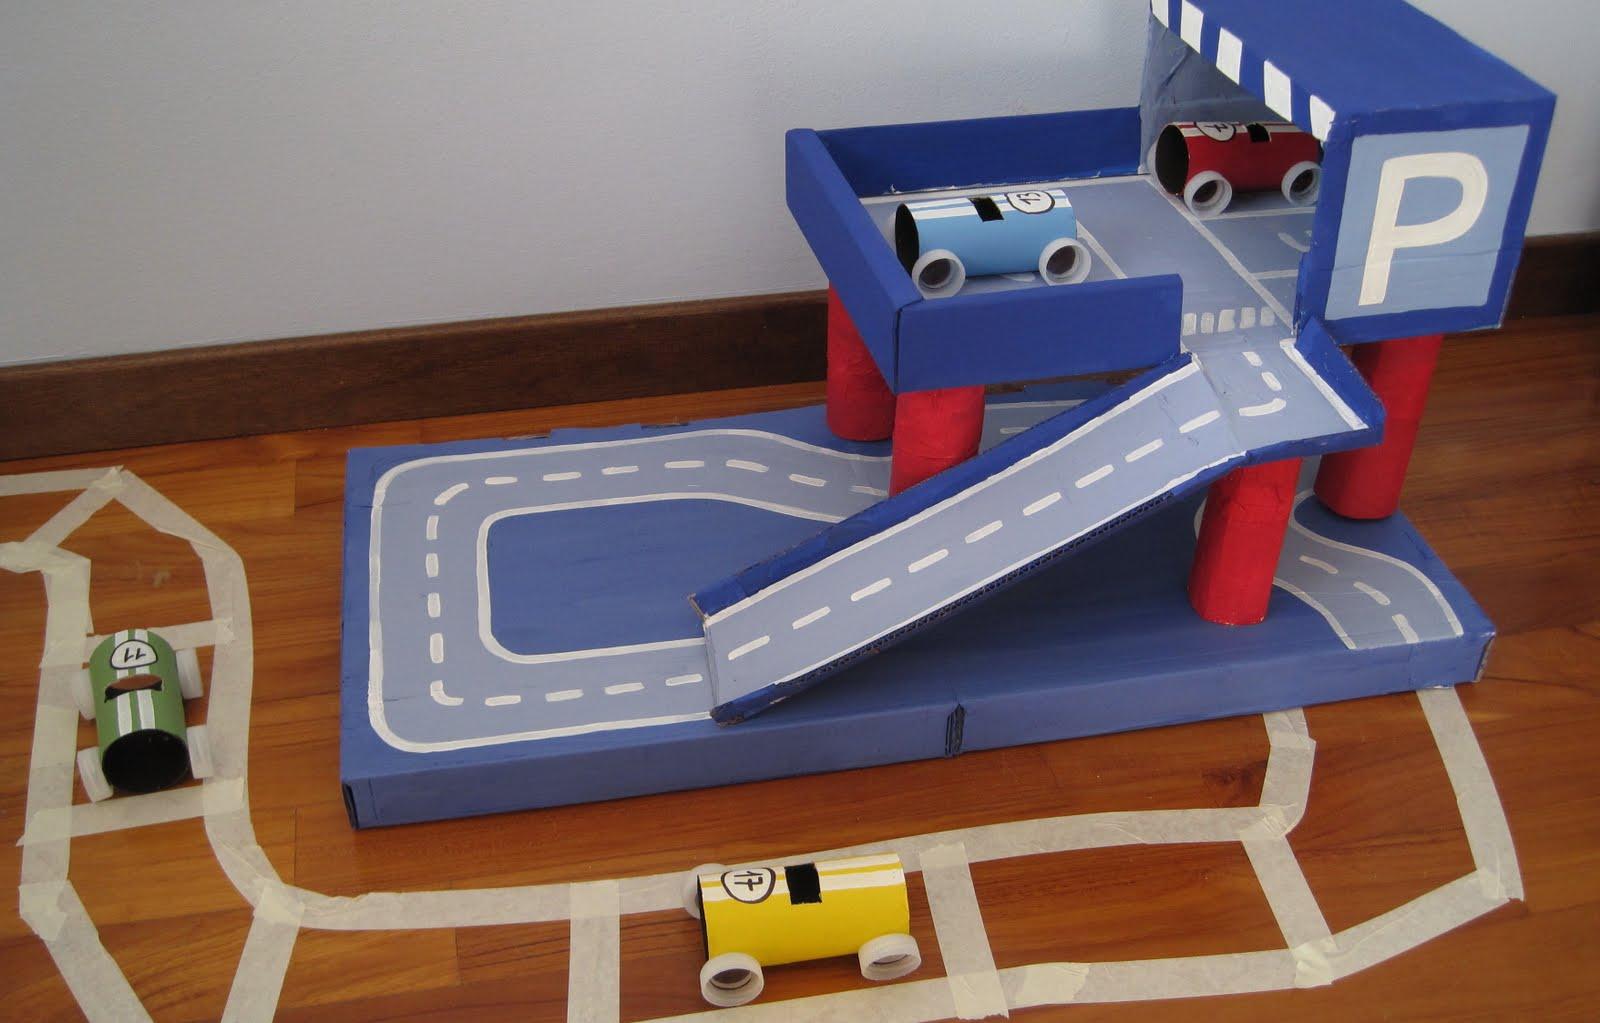 Super manumanie-kids: Parcheggio macchine di cartone YE63